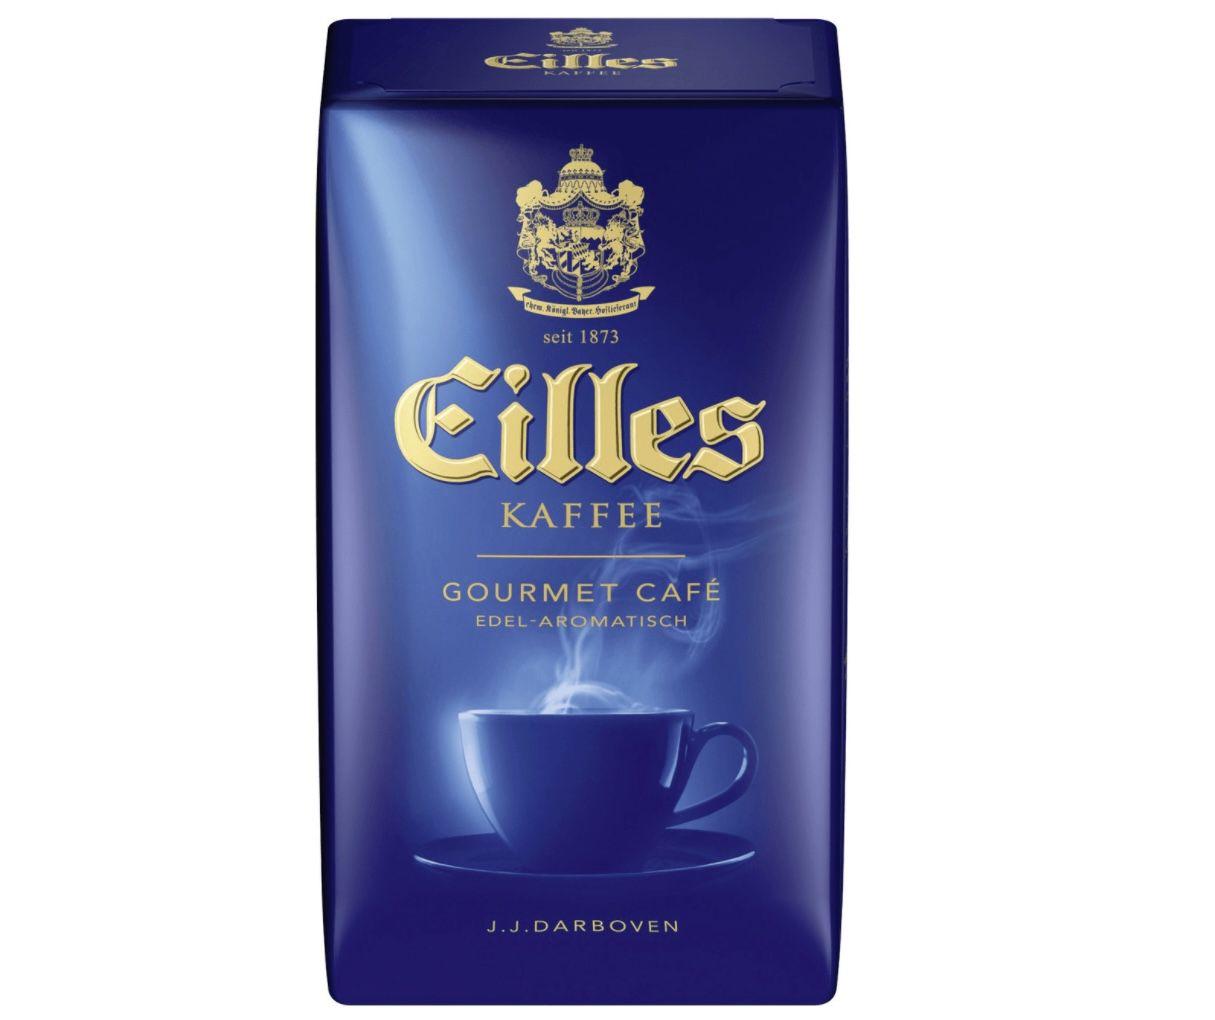 12er Pack Eilles Gourmet Cafe gemahlen (je 500g) für 47,90€ (statt 66€)